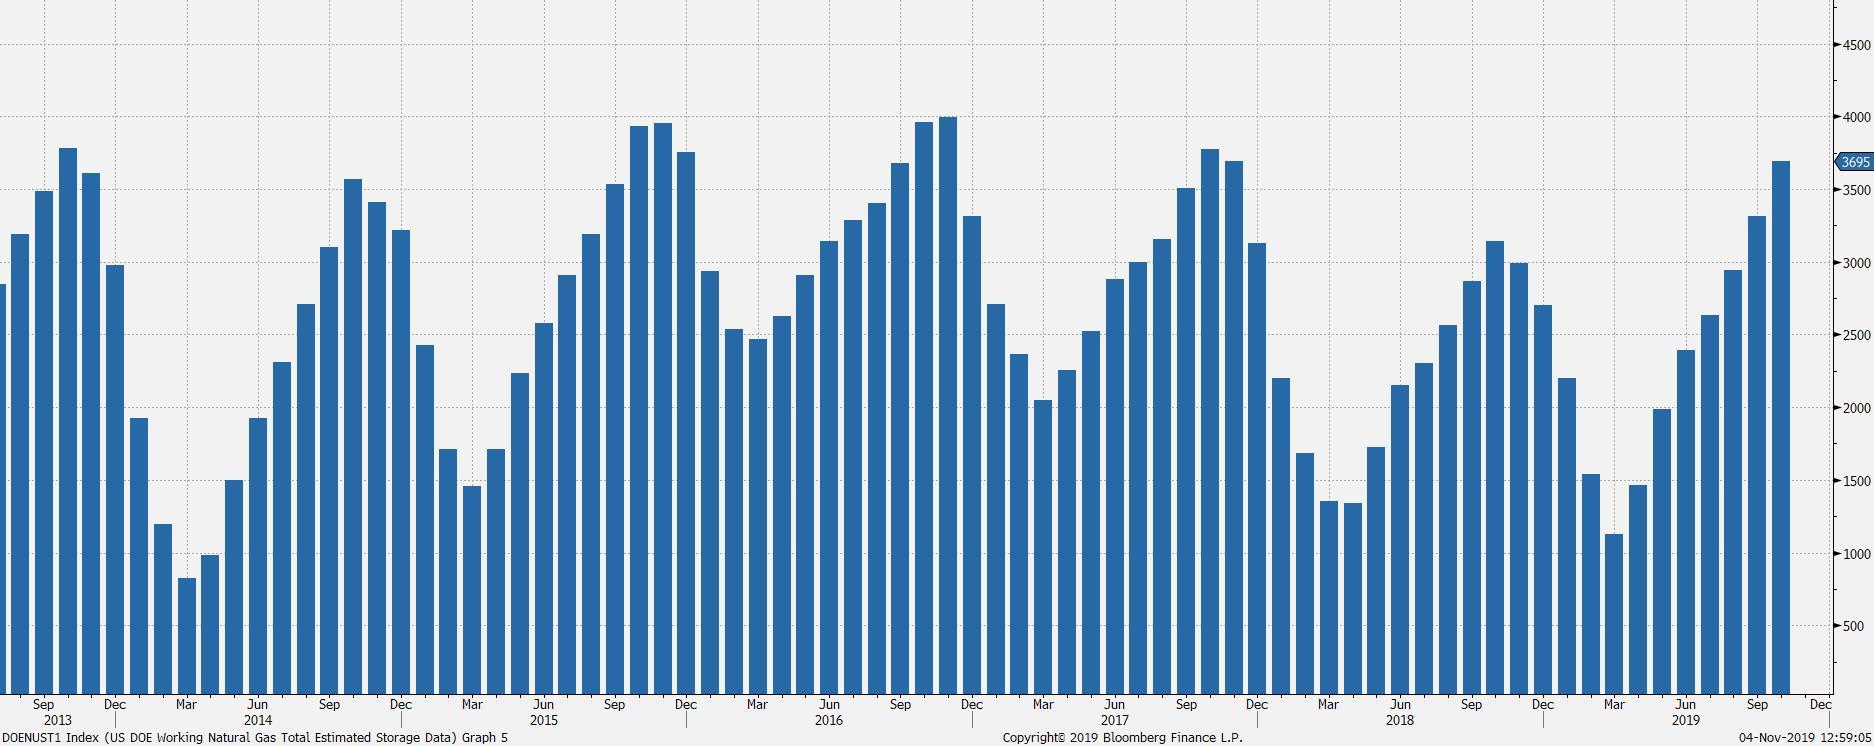 Poziom zapasów gazu ziemnego w USA. Źródło: DoE, Bloomberg.